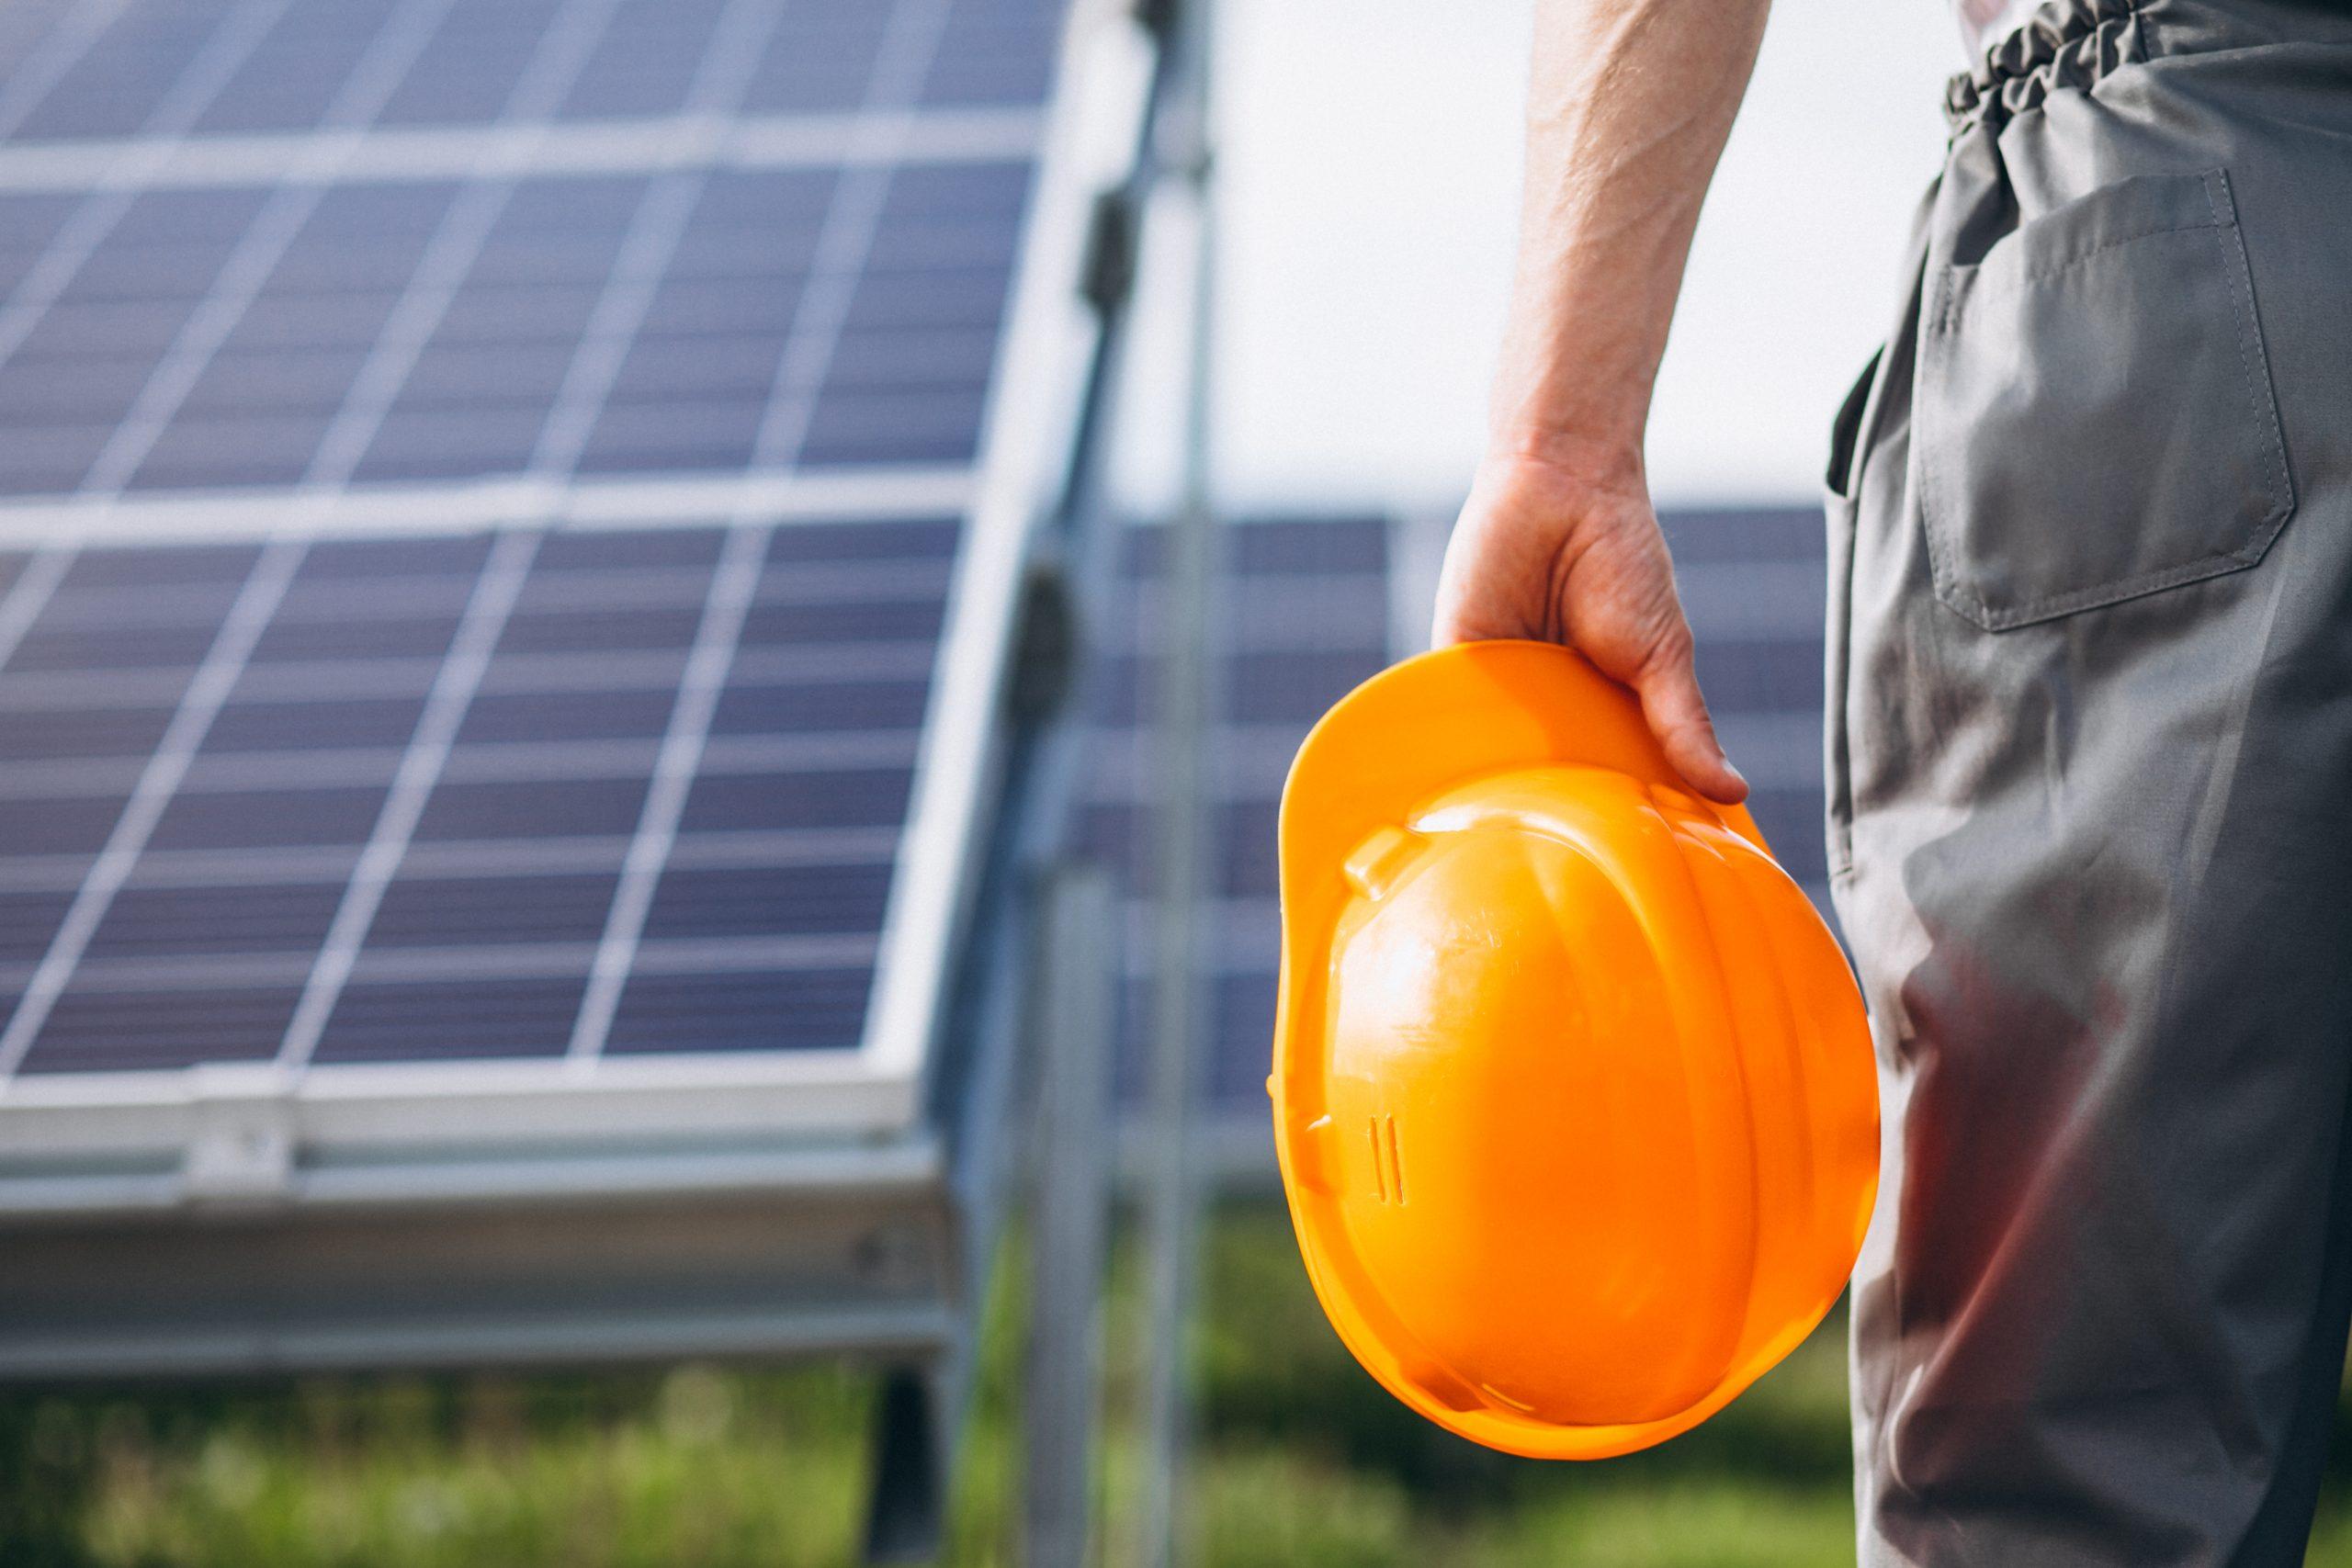 Construção civil e sustentabilidade: duas coisas que devem andar juntas